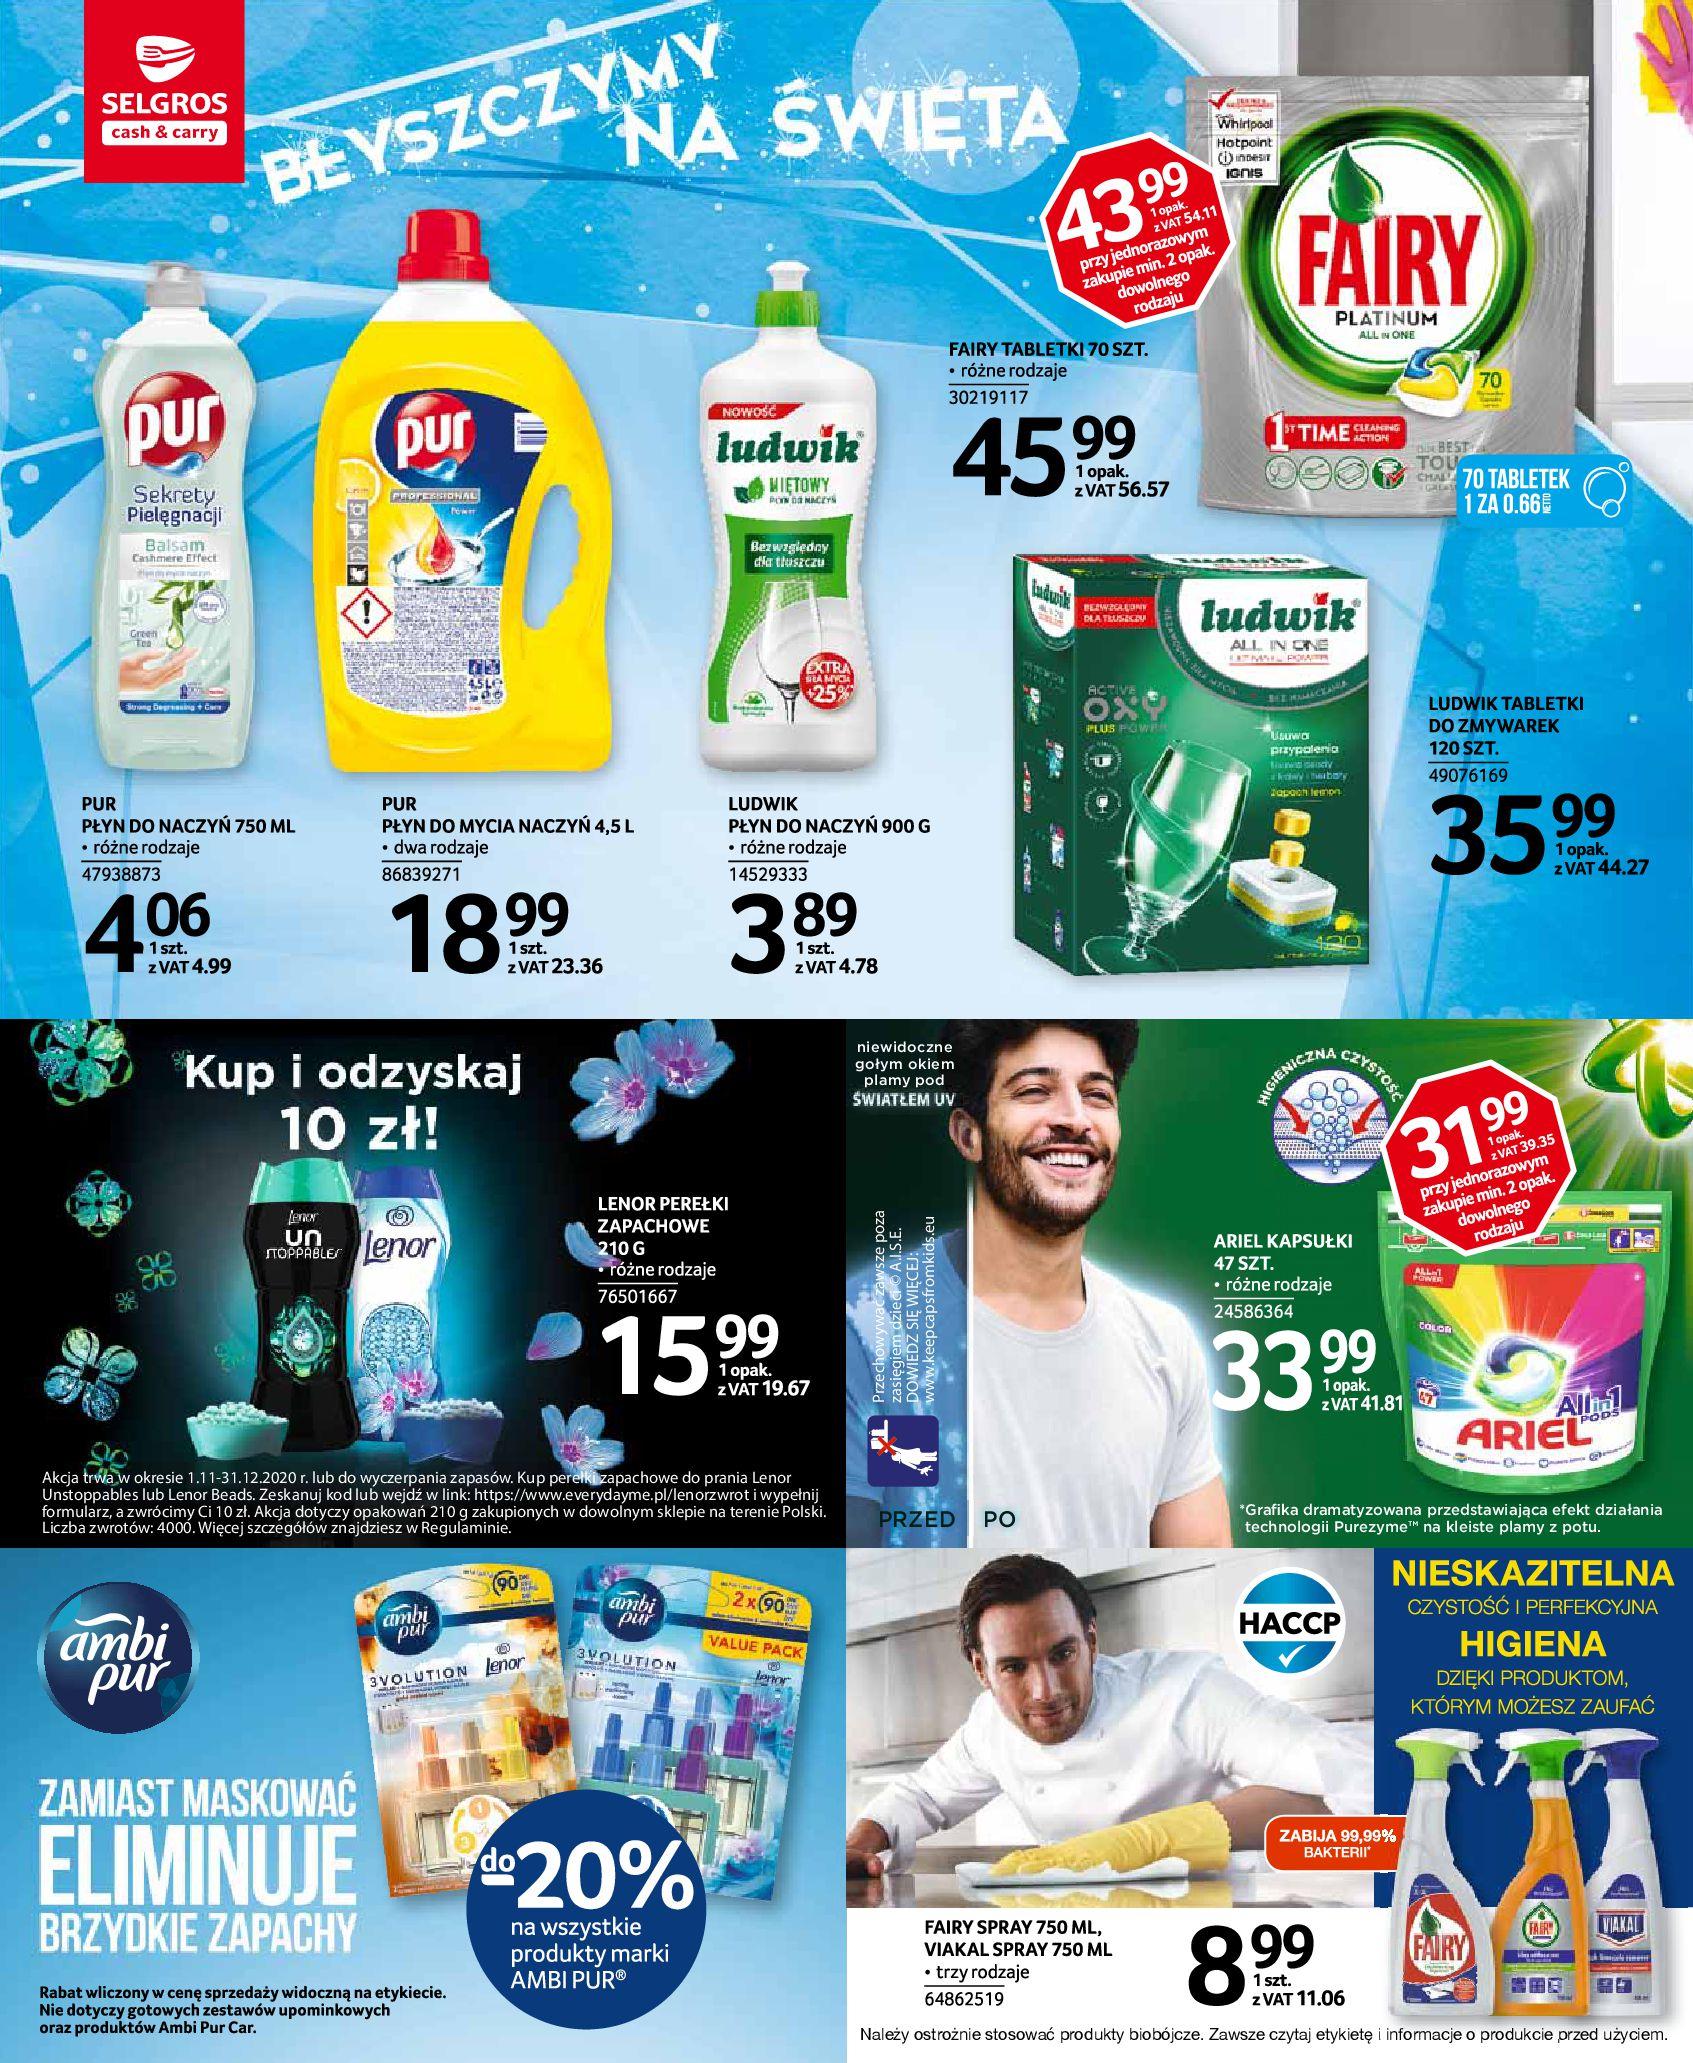 Gazetka Selgros: Katalog Sprzątanie 2020-11-19 page-4